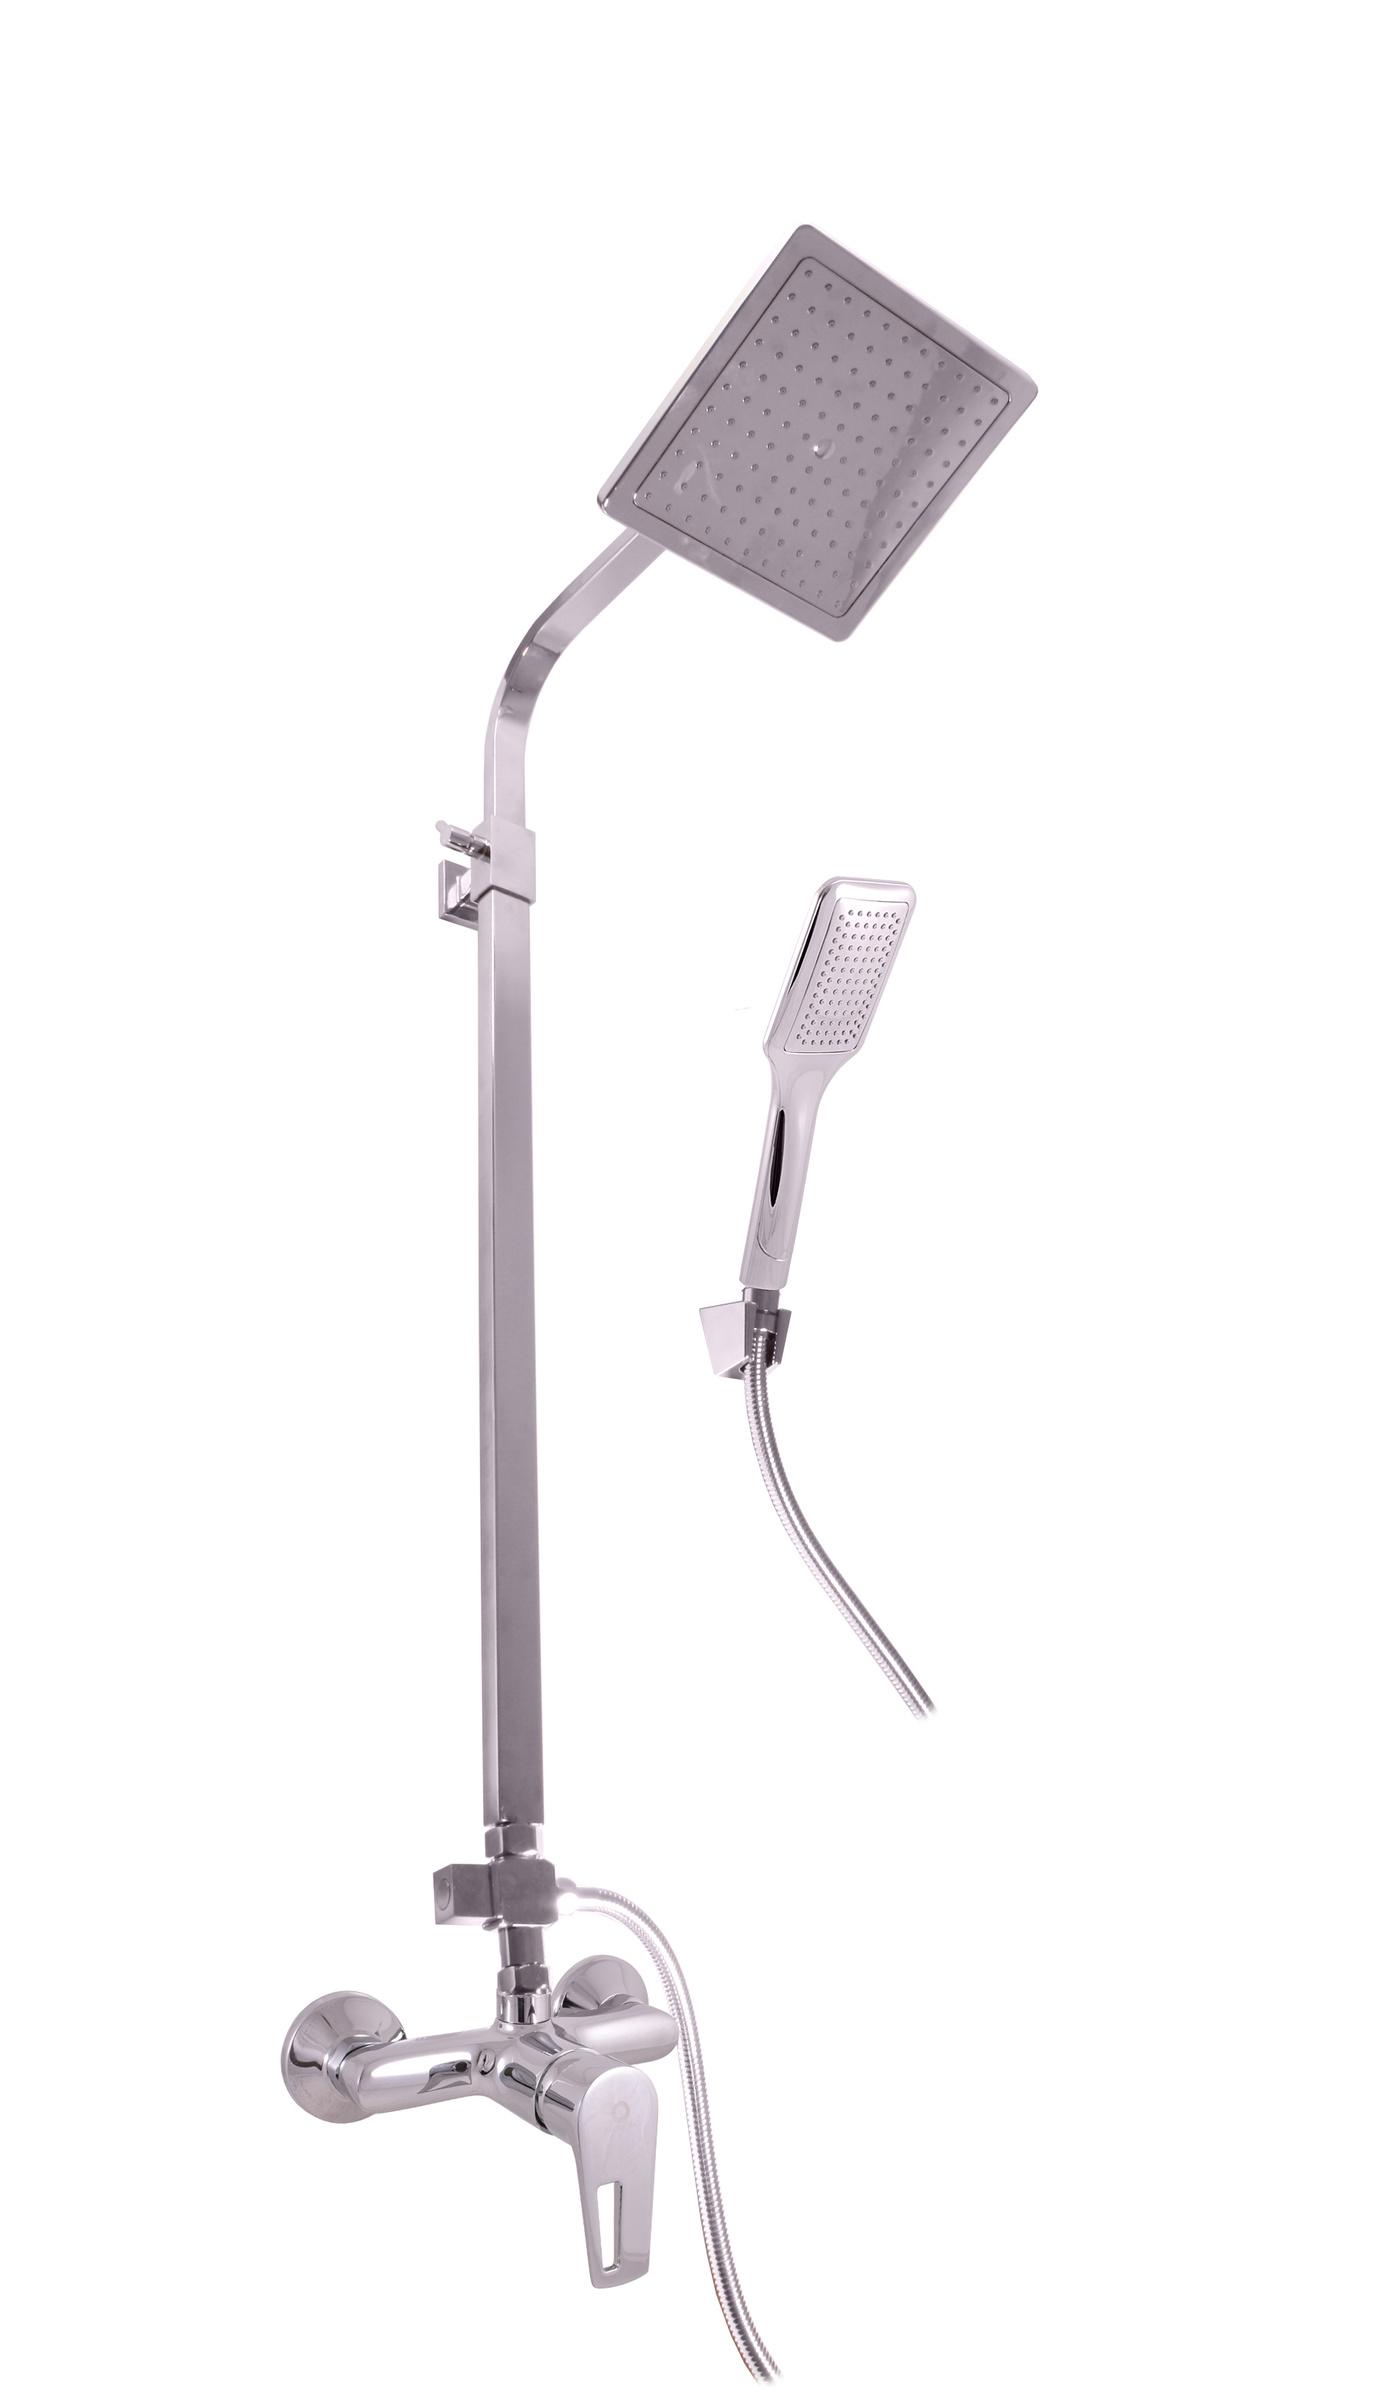 SLEZAK-RAV - Vodovodné batérie sprchová COLORADO s hlavovou a ručnou sprchou, Farba: chróm, Rozmer: 100 mm CO282.0 / 6